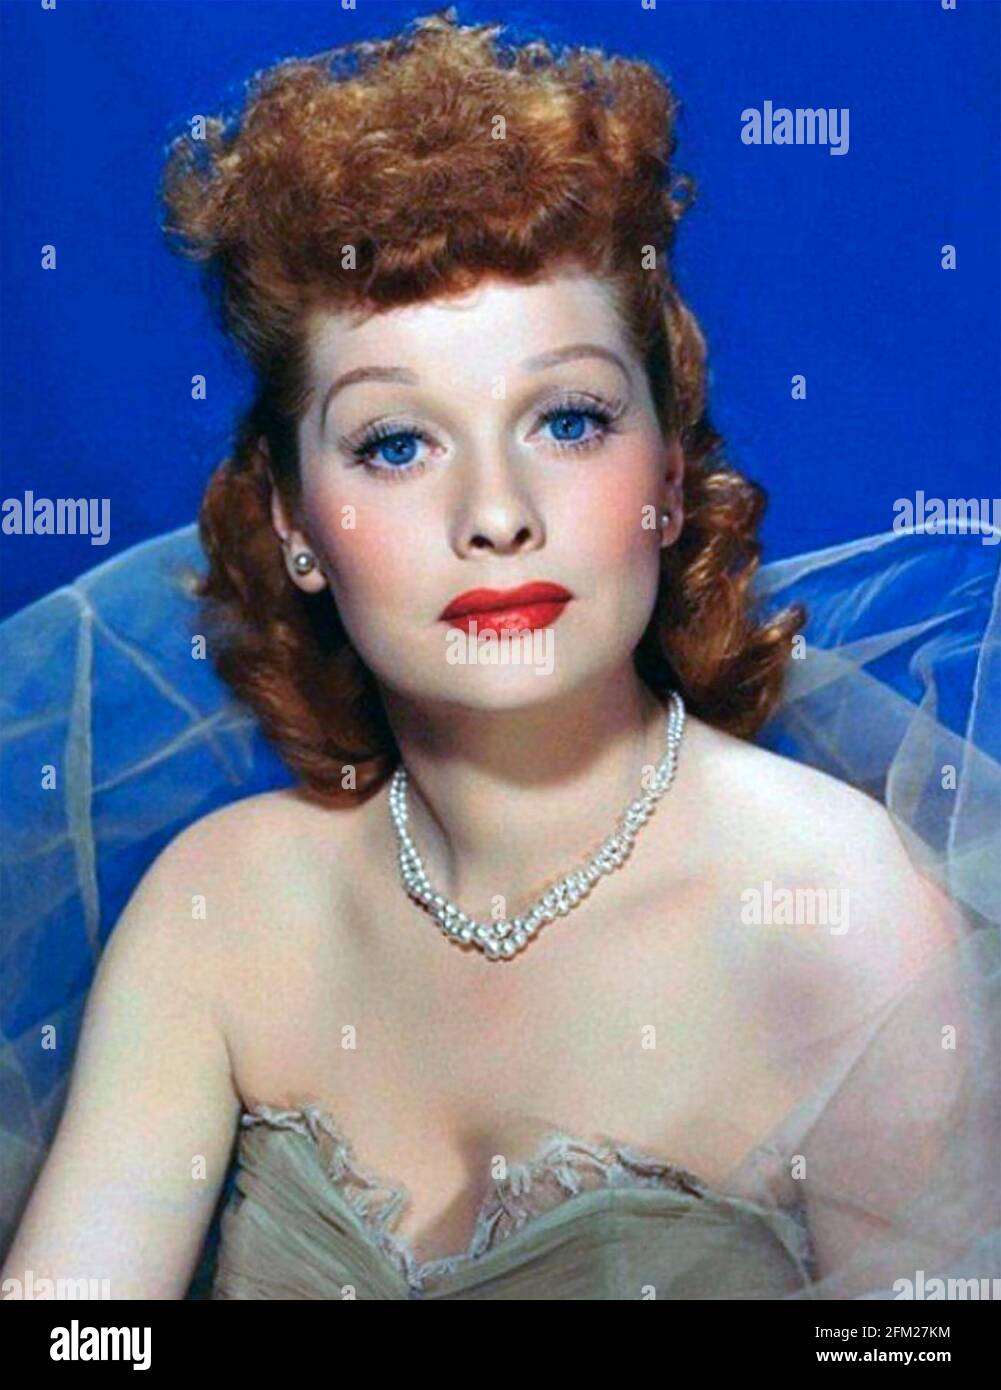 LUCILLE BALL (1911-1989) actrice, comédienne et productrice américaine de cinéma et de télévision vers 1965 Banque D'Images